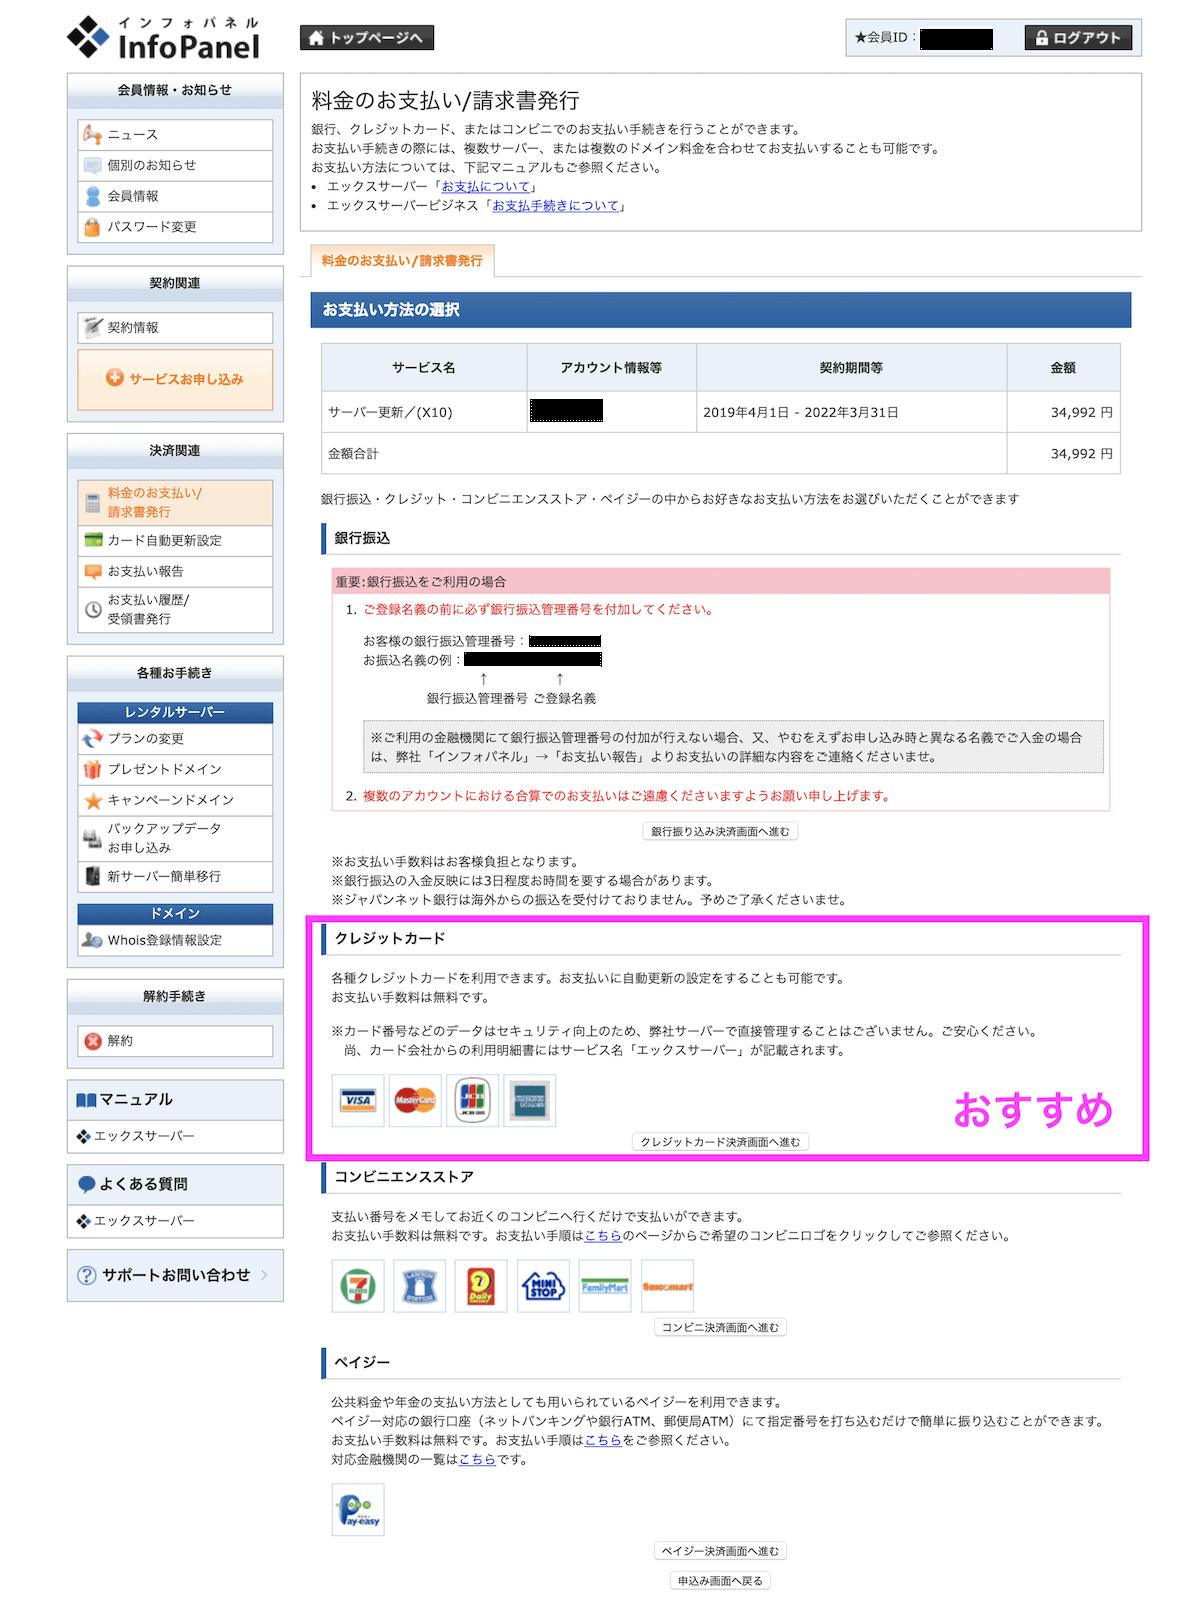 支払い画面(エックスサーバー)